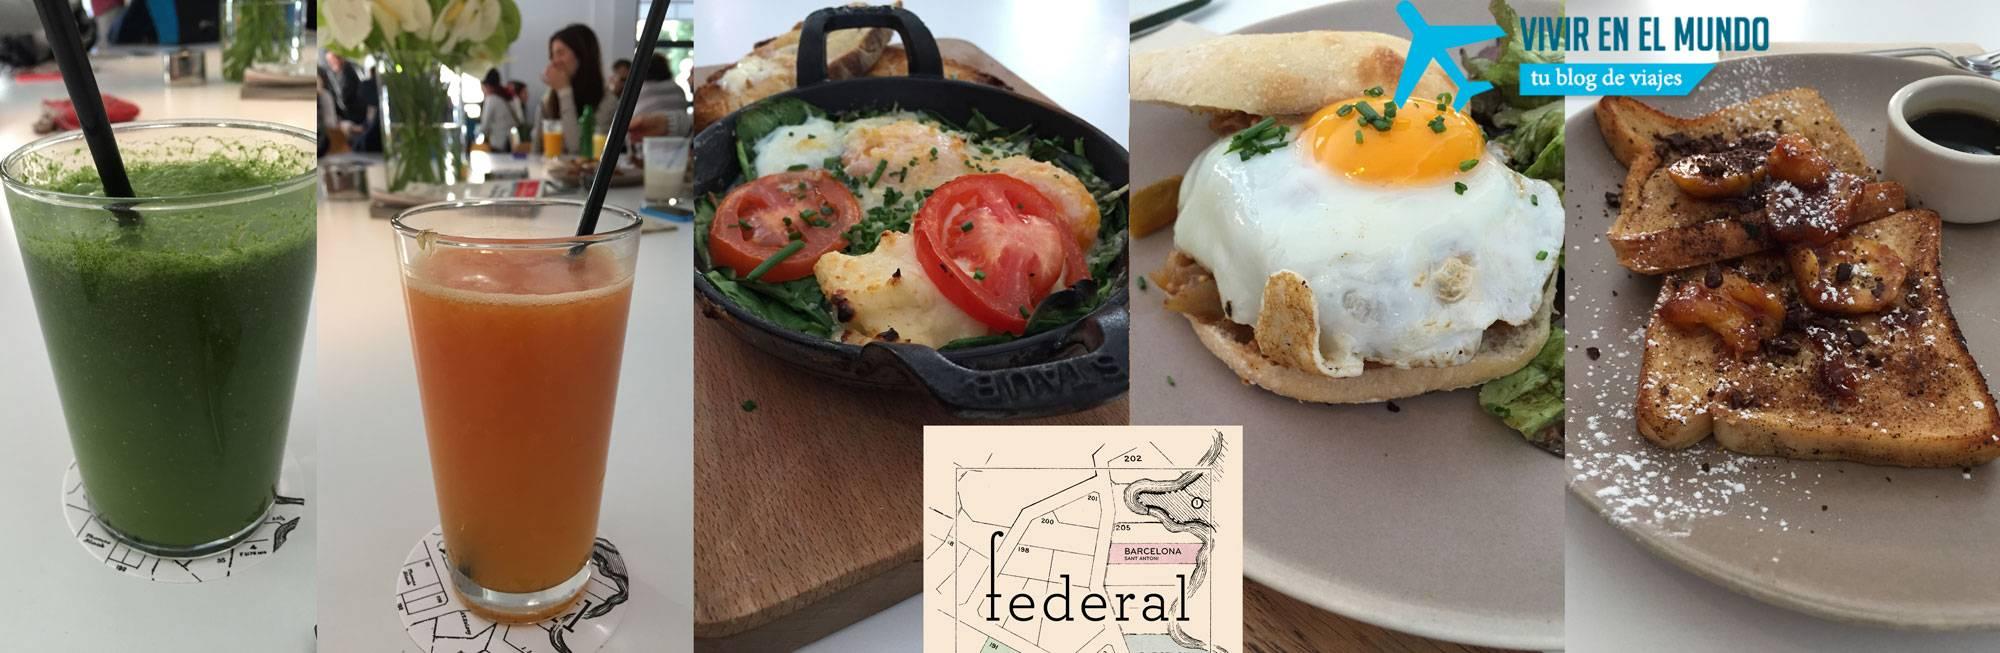 Brunch con sabor australiano en Federal Café Madrid